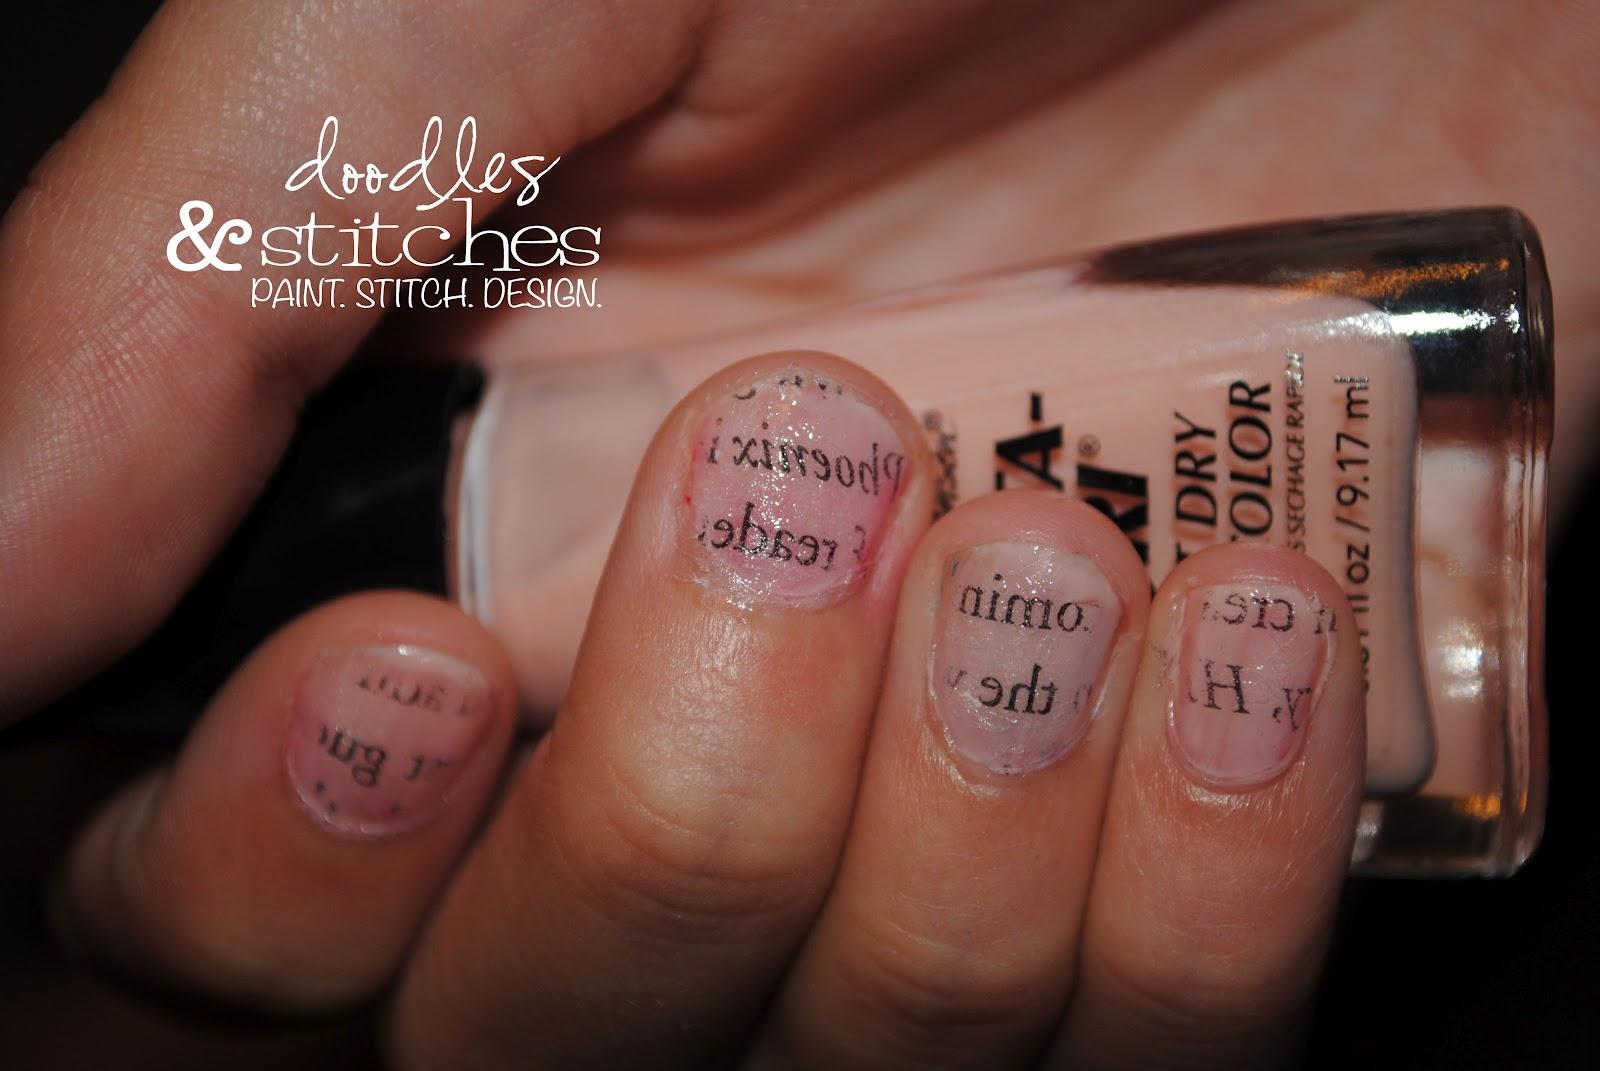 Newsprint Nails - Doodles & Stitches